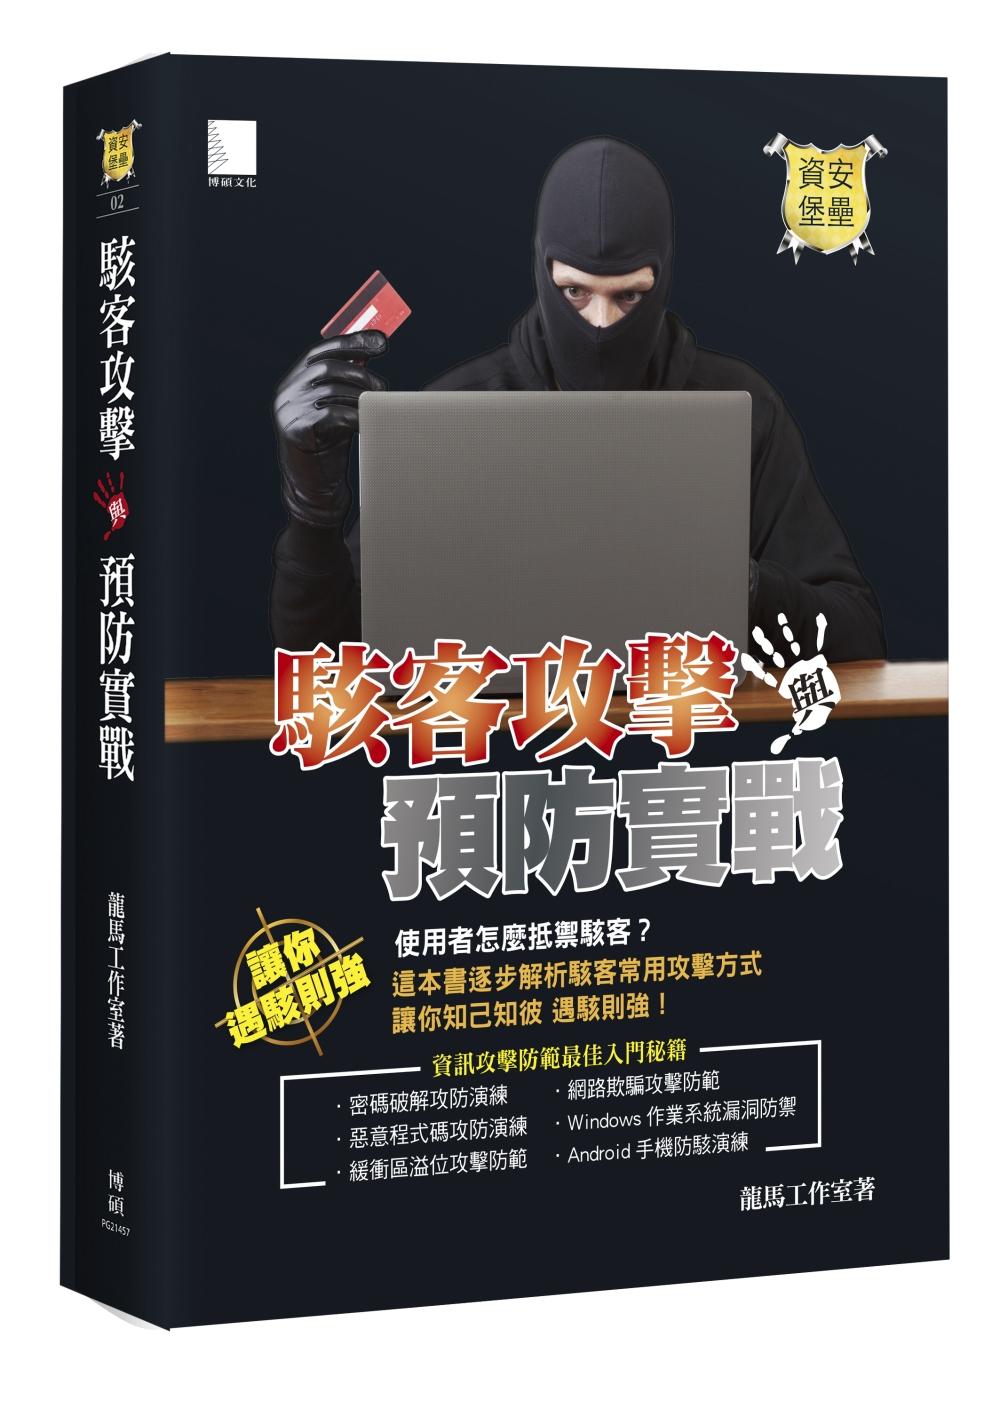 駭客攻擊與預防實戰